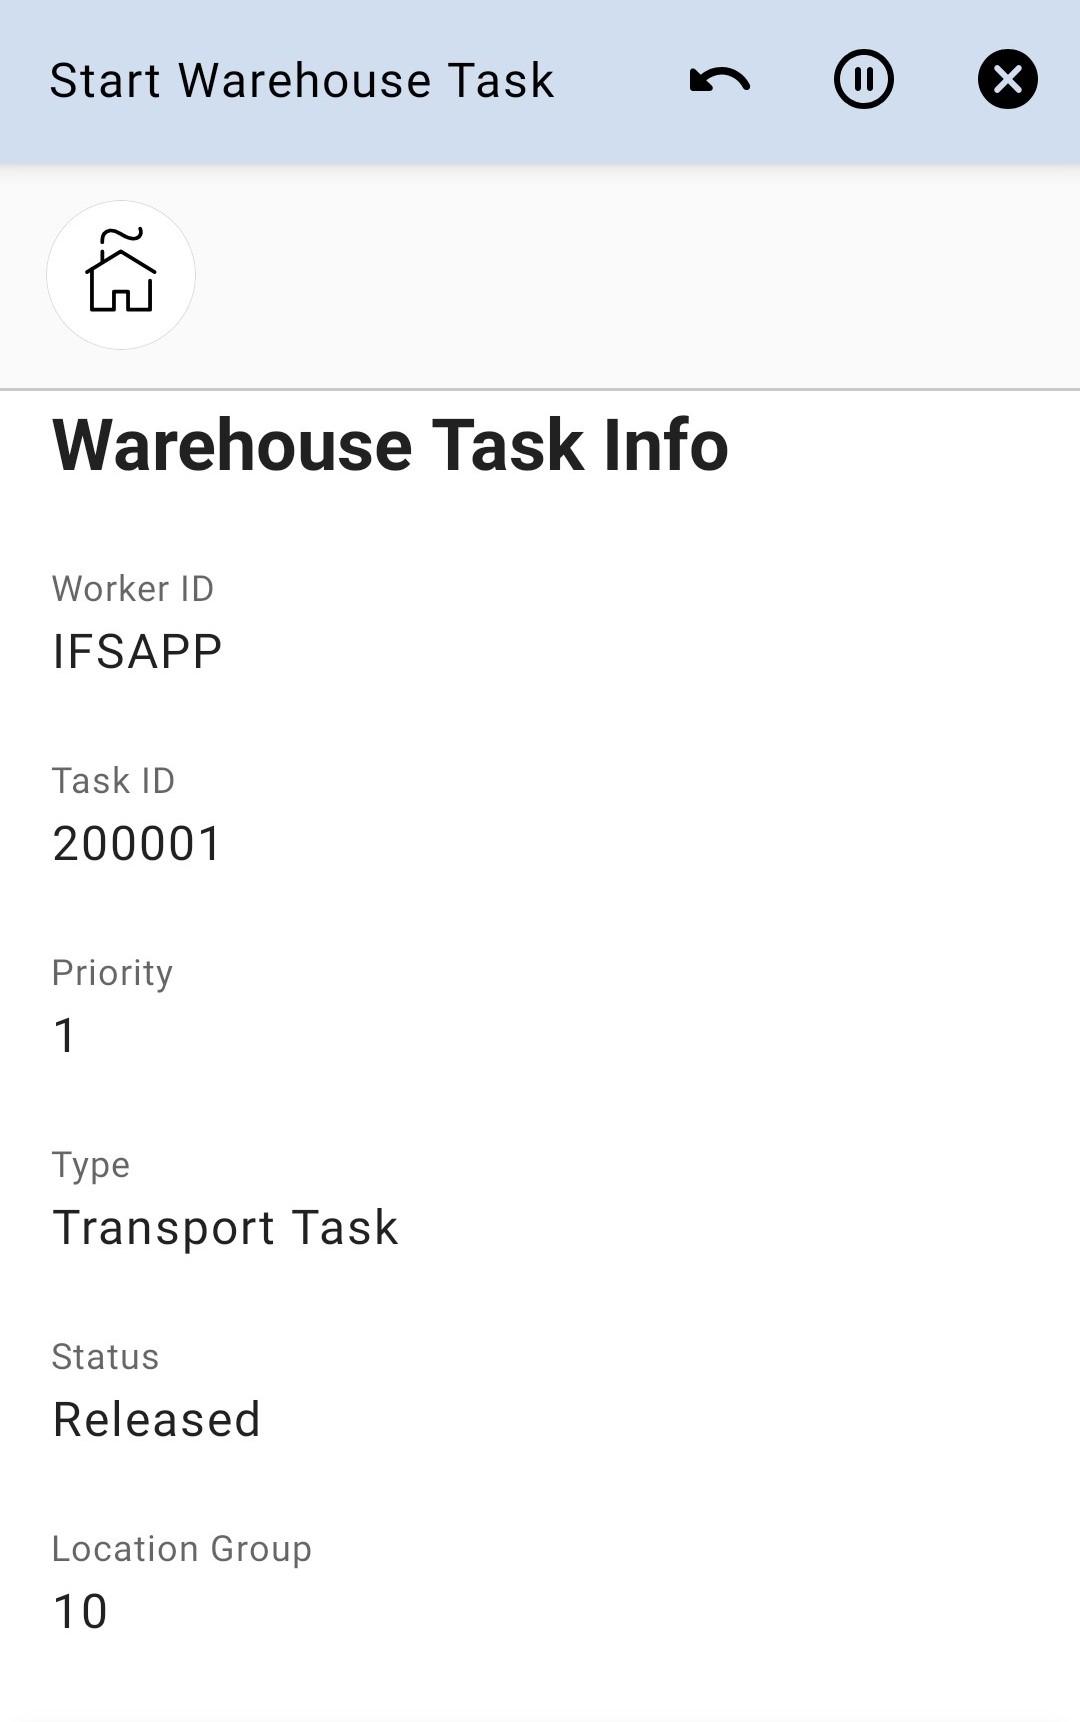 Task Info